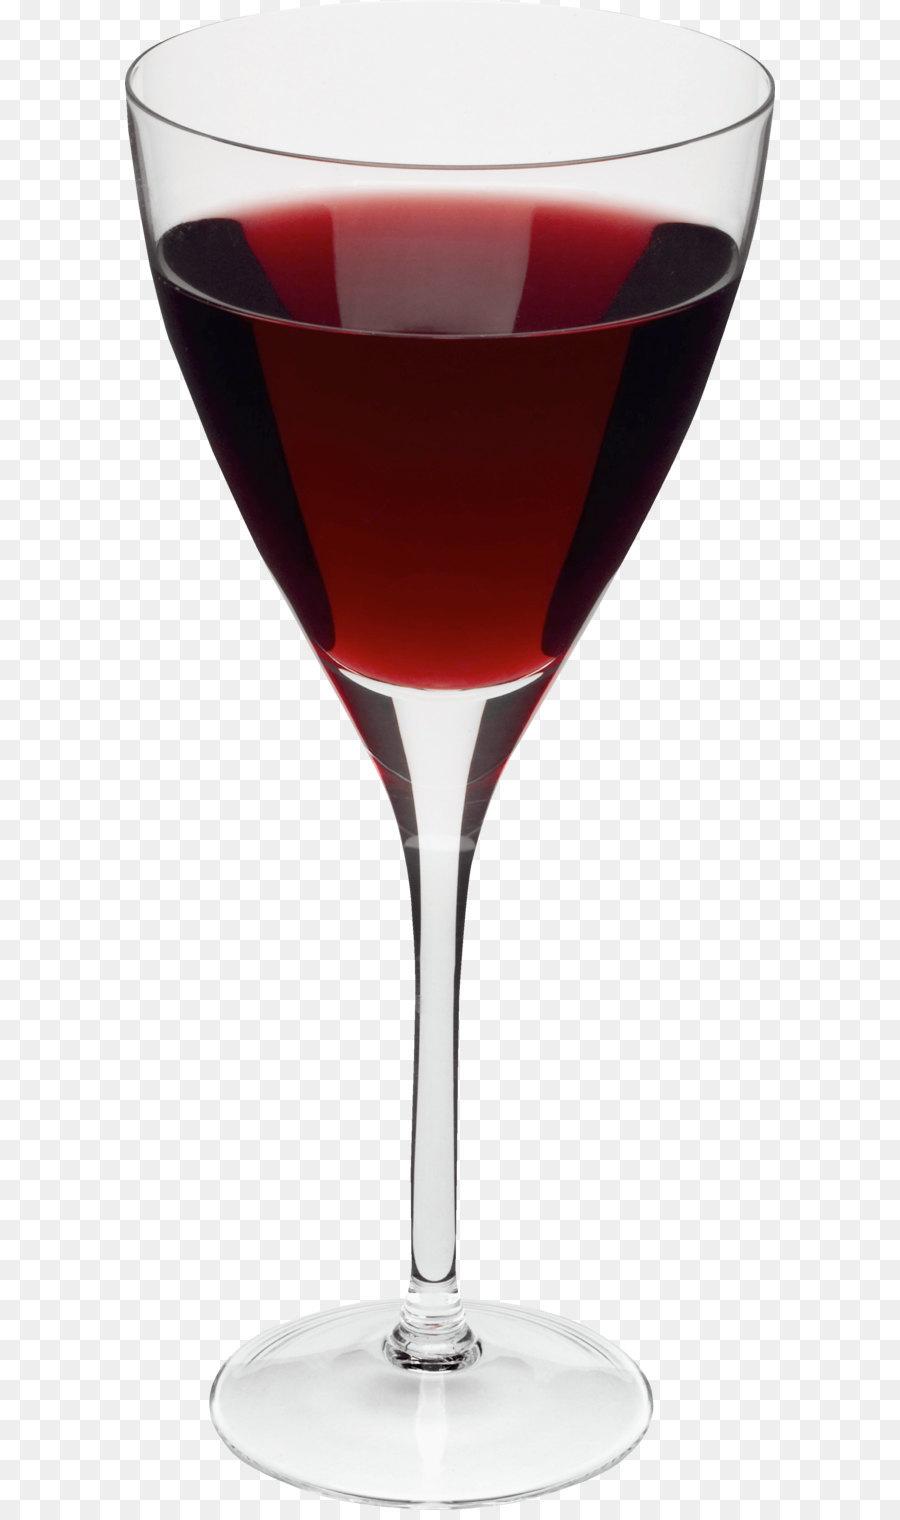 Descarga gratuita de Vino Tinto, Vino, Vidrio imágenes PNG